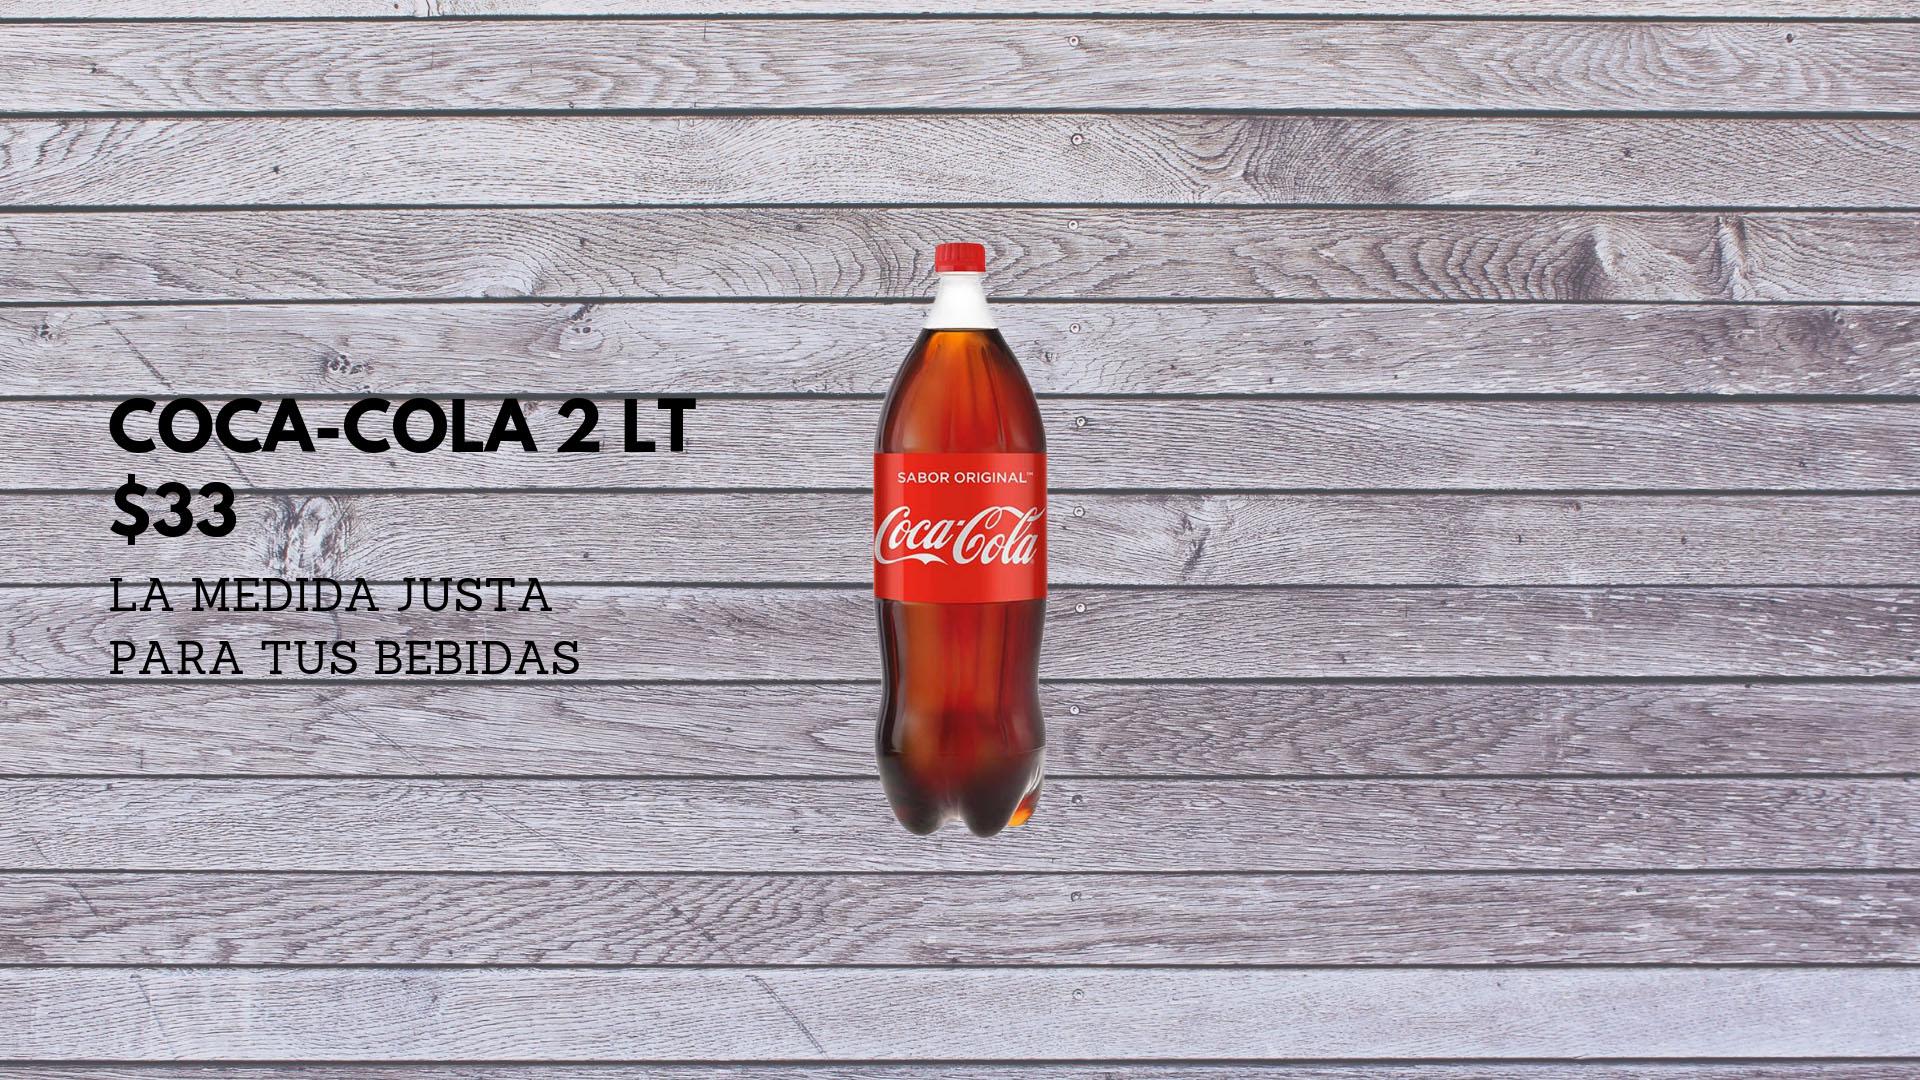 Coca-cola 2 lt.